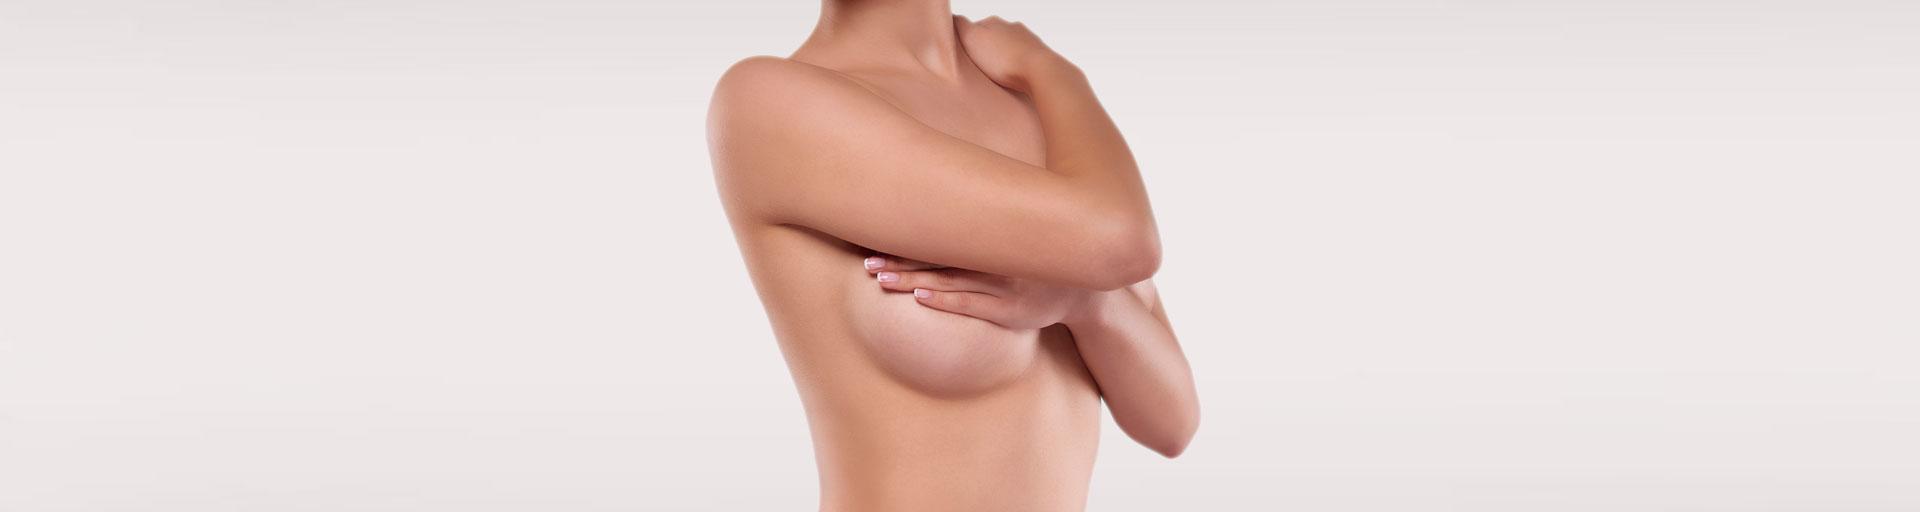 angeborene-brustfehlbildungen-plastische-chirurgie-b